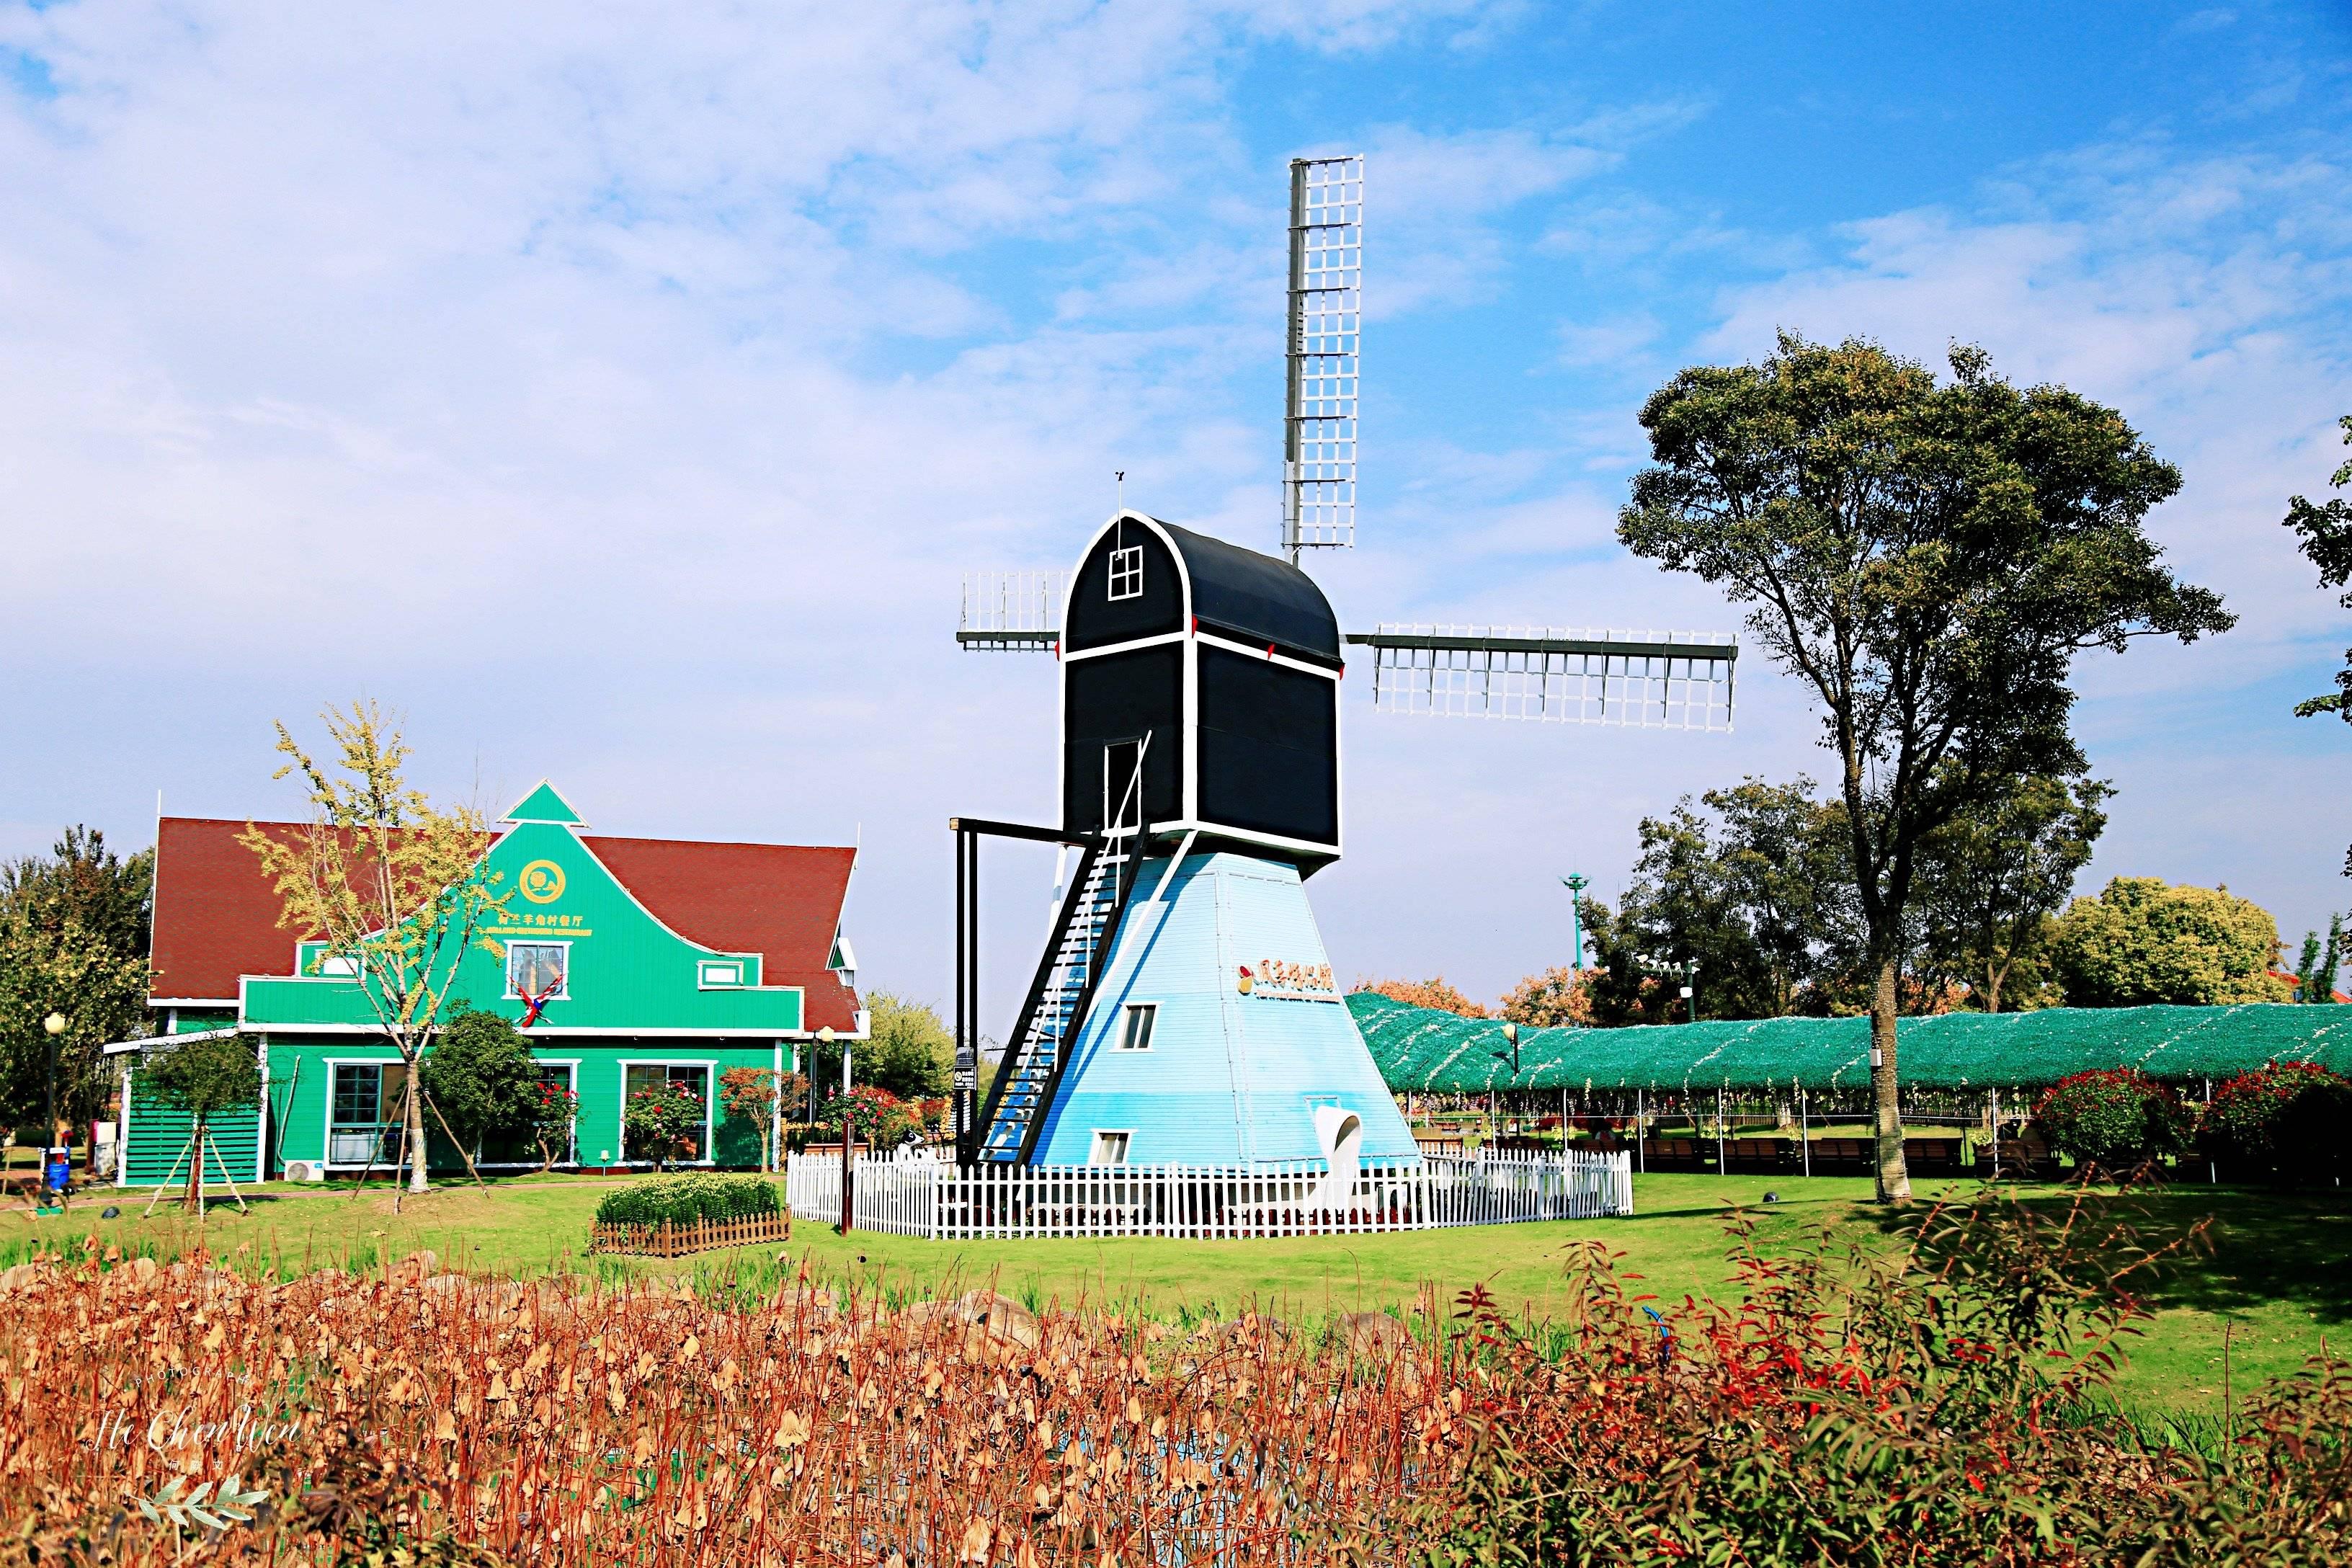 原创             中国郁金香第一花海,充满浓浓的荷兰风情,游客都慕名来打卡